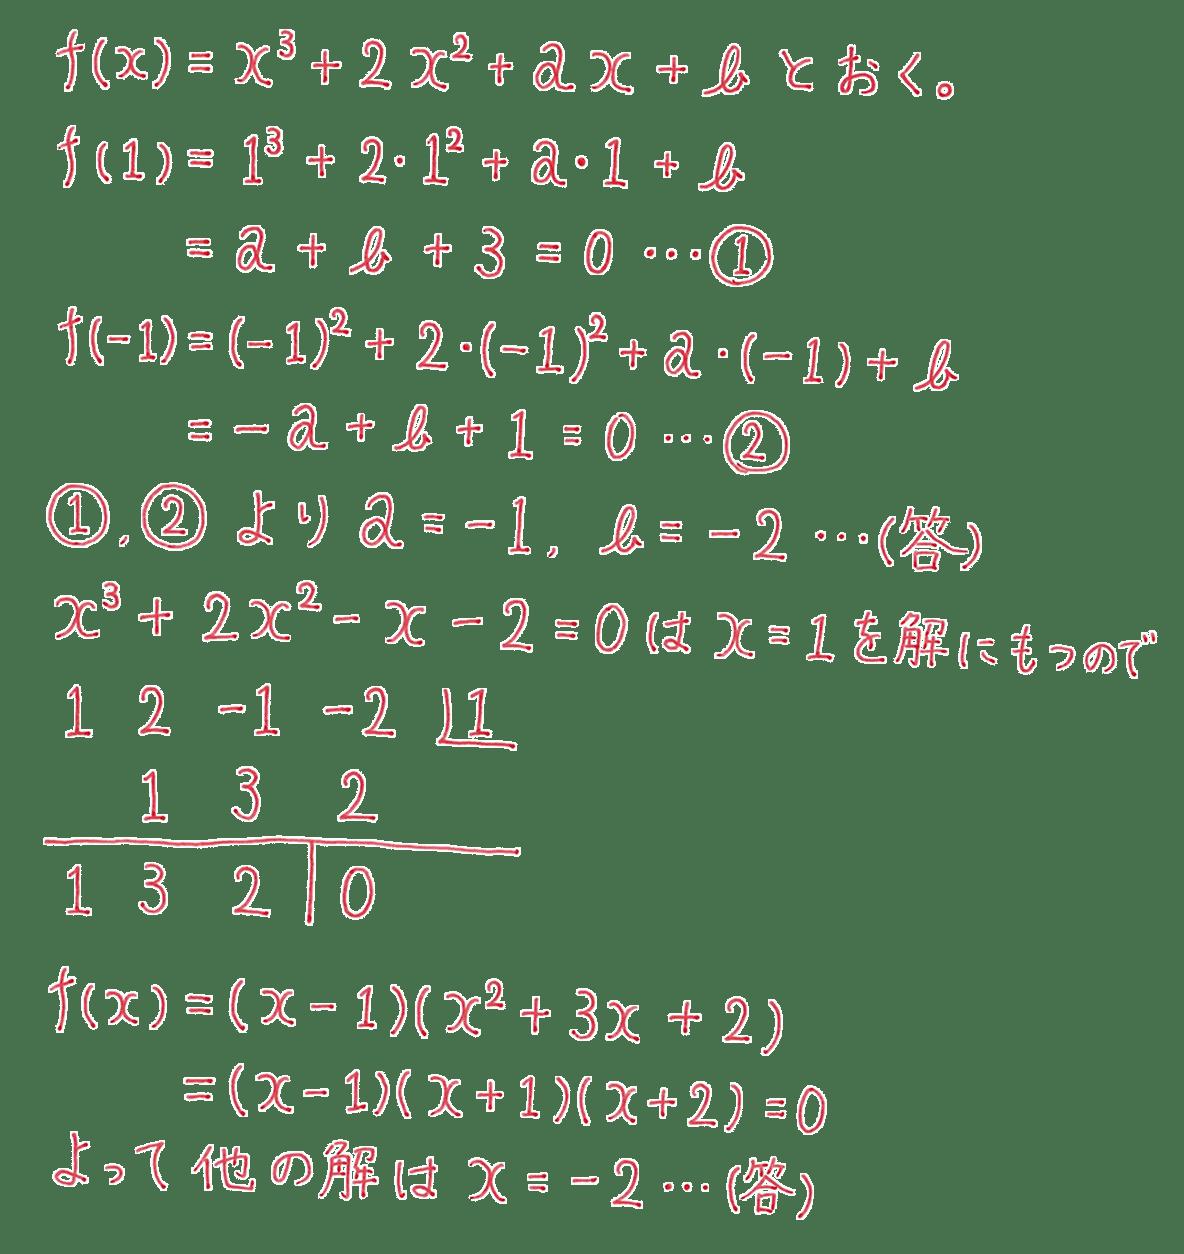 高校数学Ⅱ 複素数と方程式17 答え